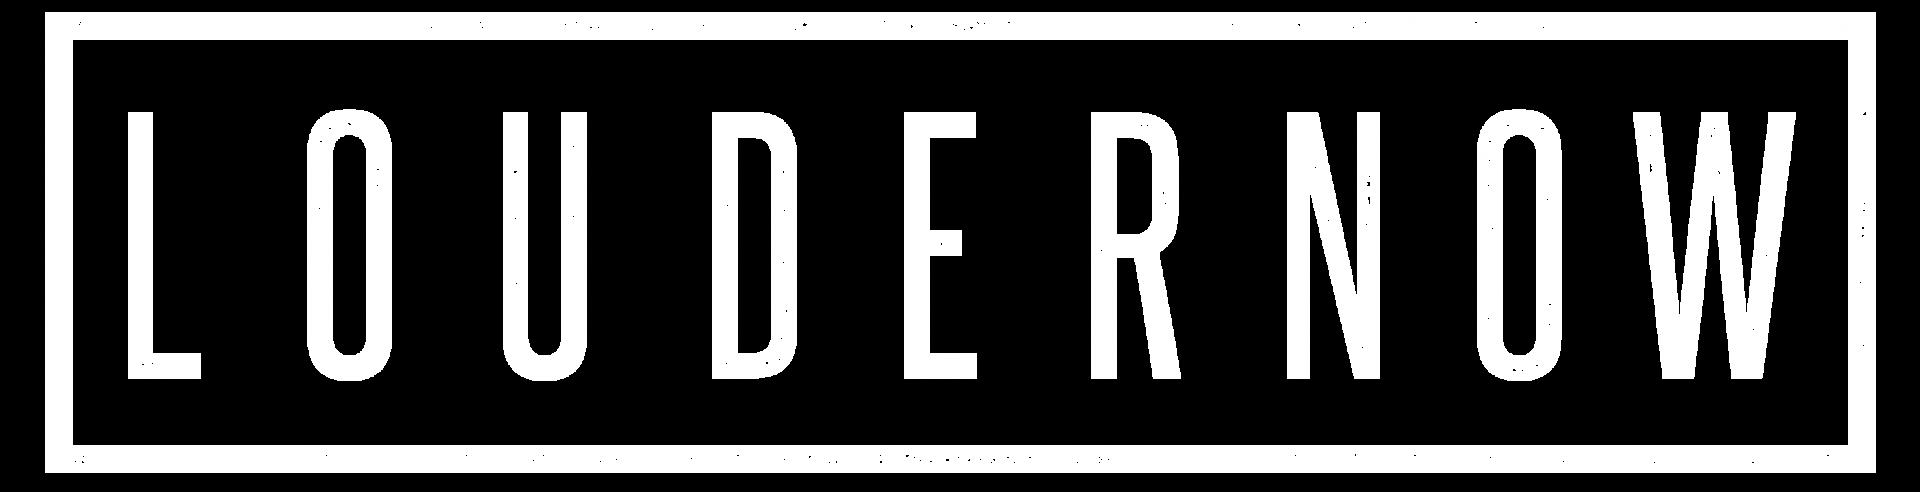 LOUDERNOW